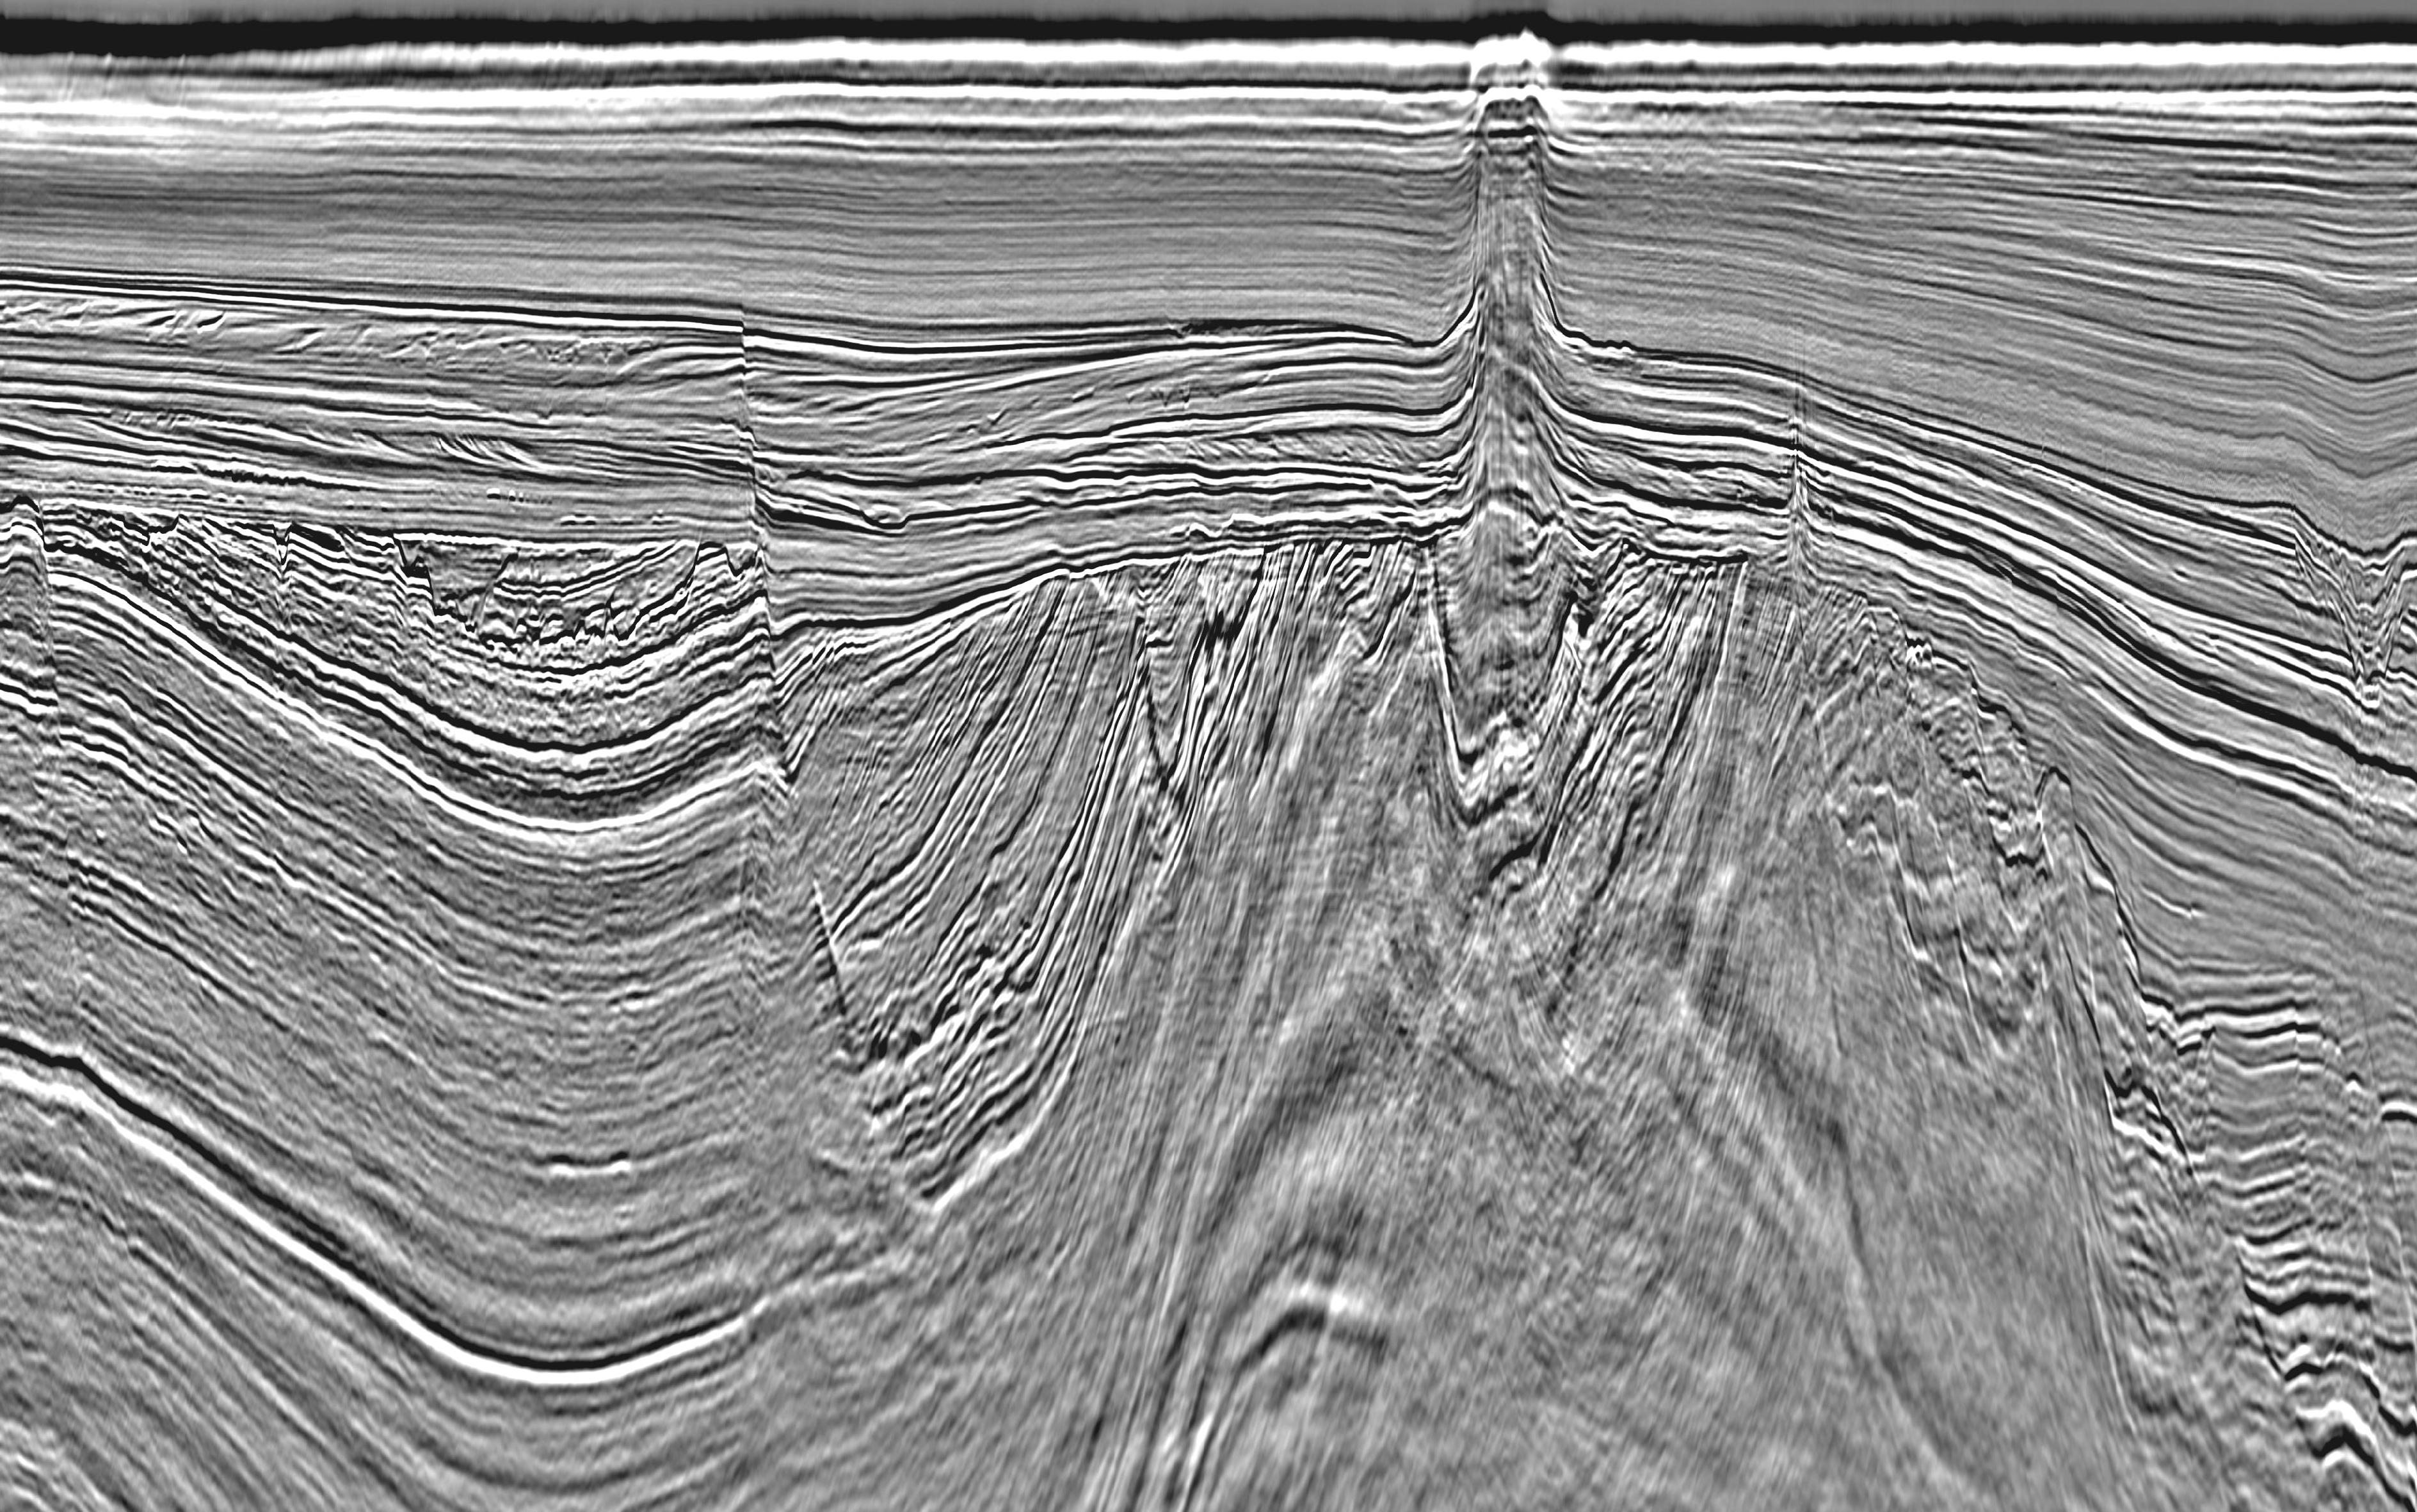 jda3DS-il2781-h3100-v3-5-kpstken-blkwht200-978-24-crop4zoom Image 1